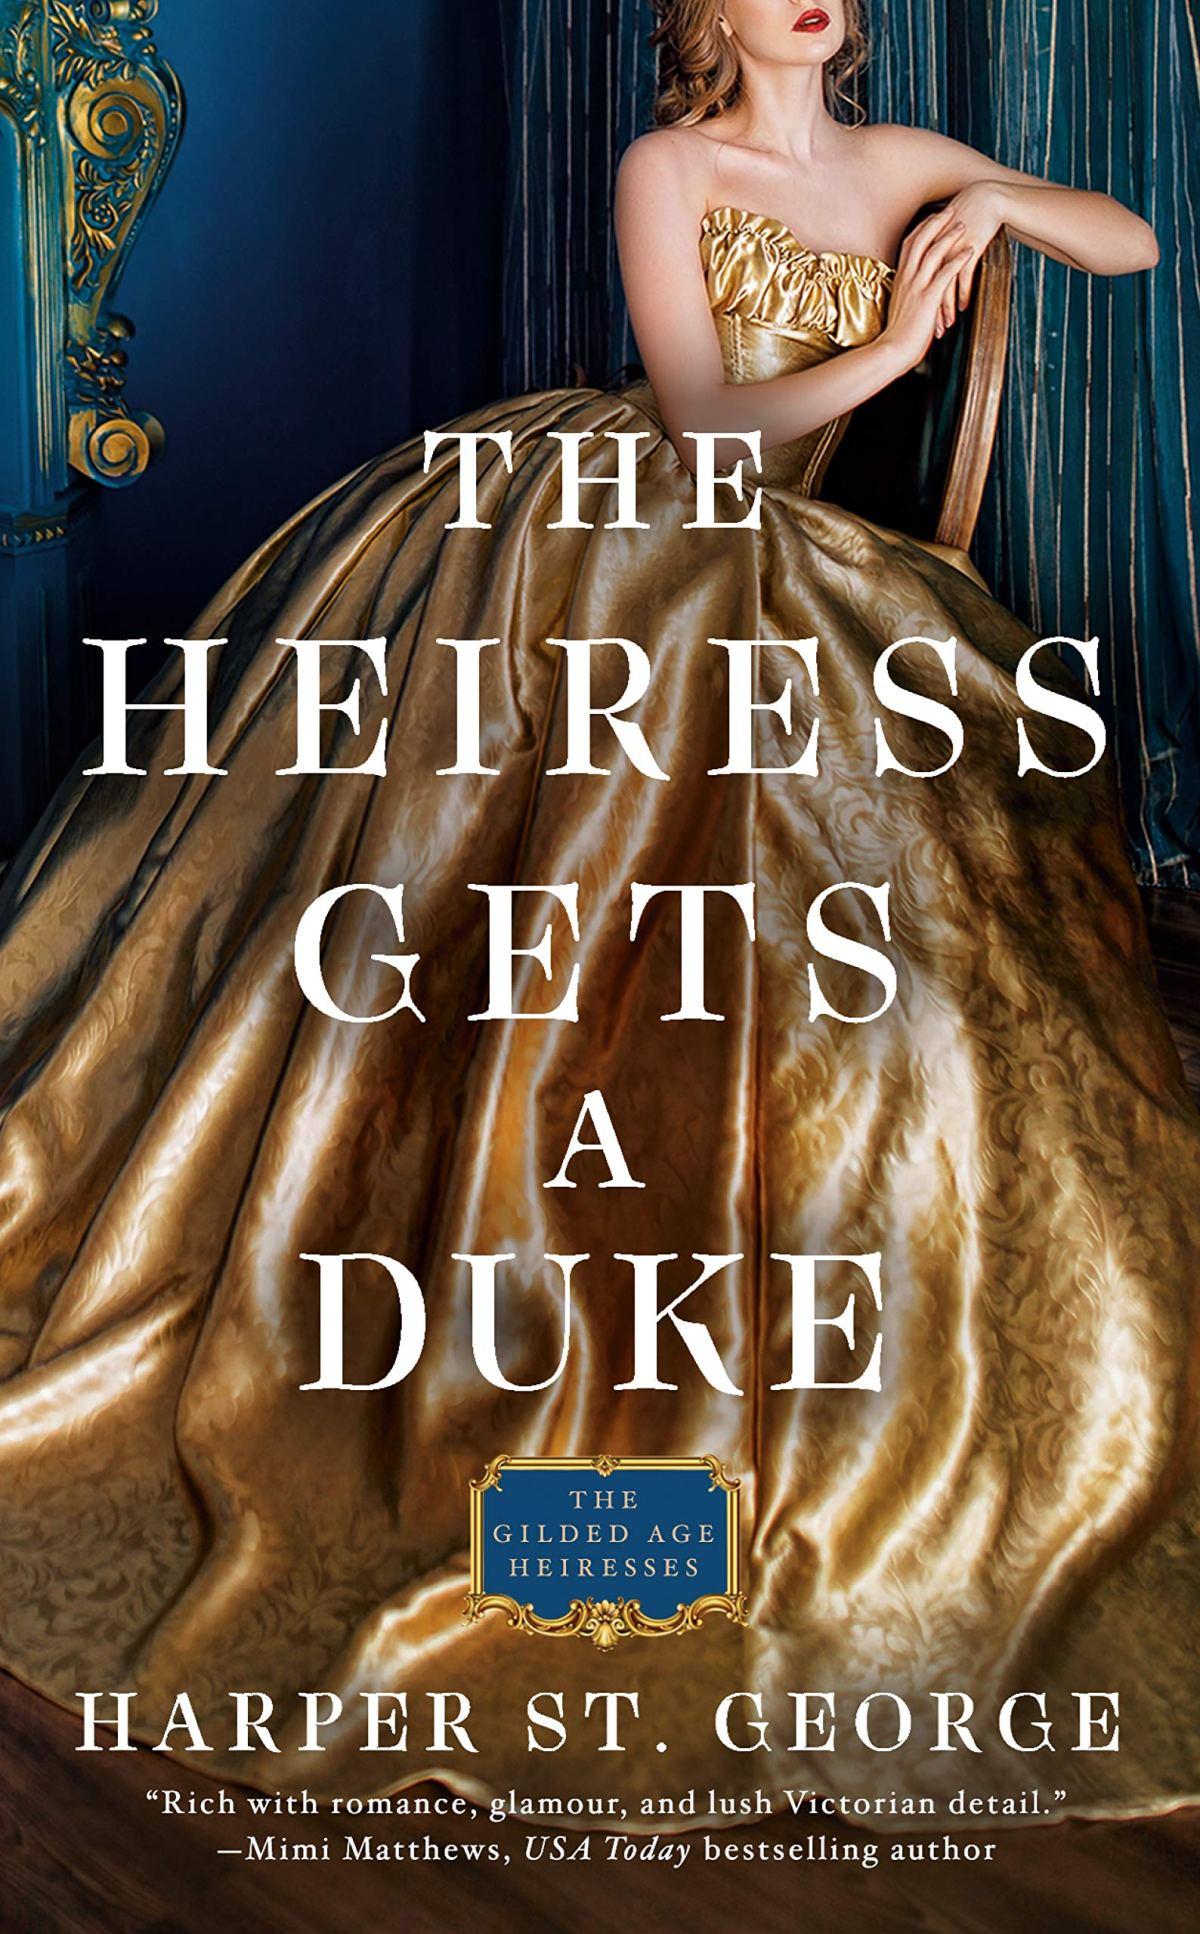 Harper St. George - The Heiress Gets a Duke